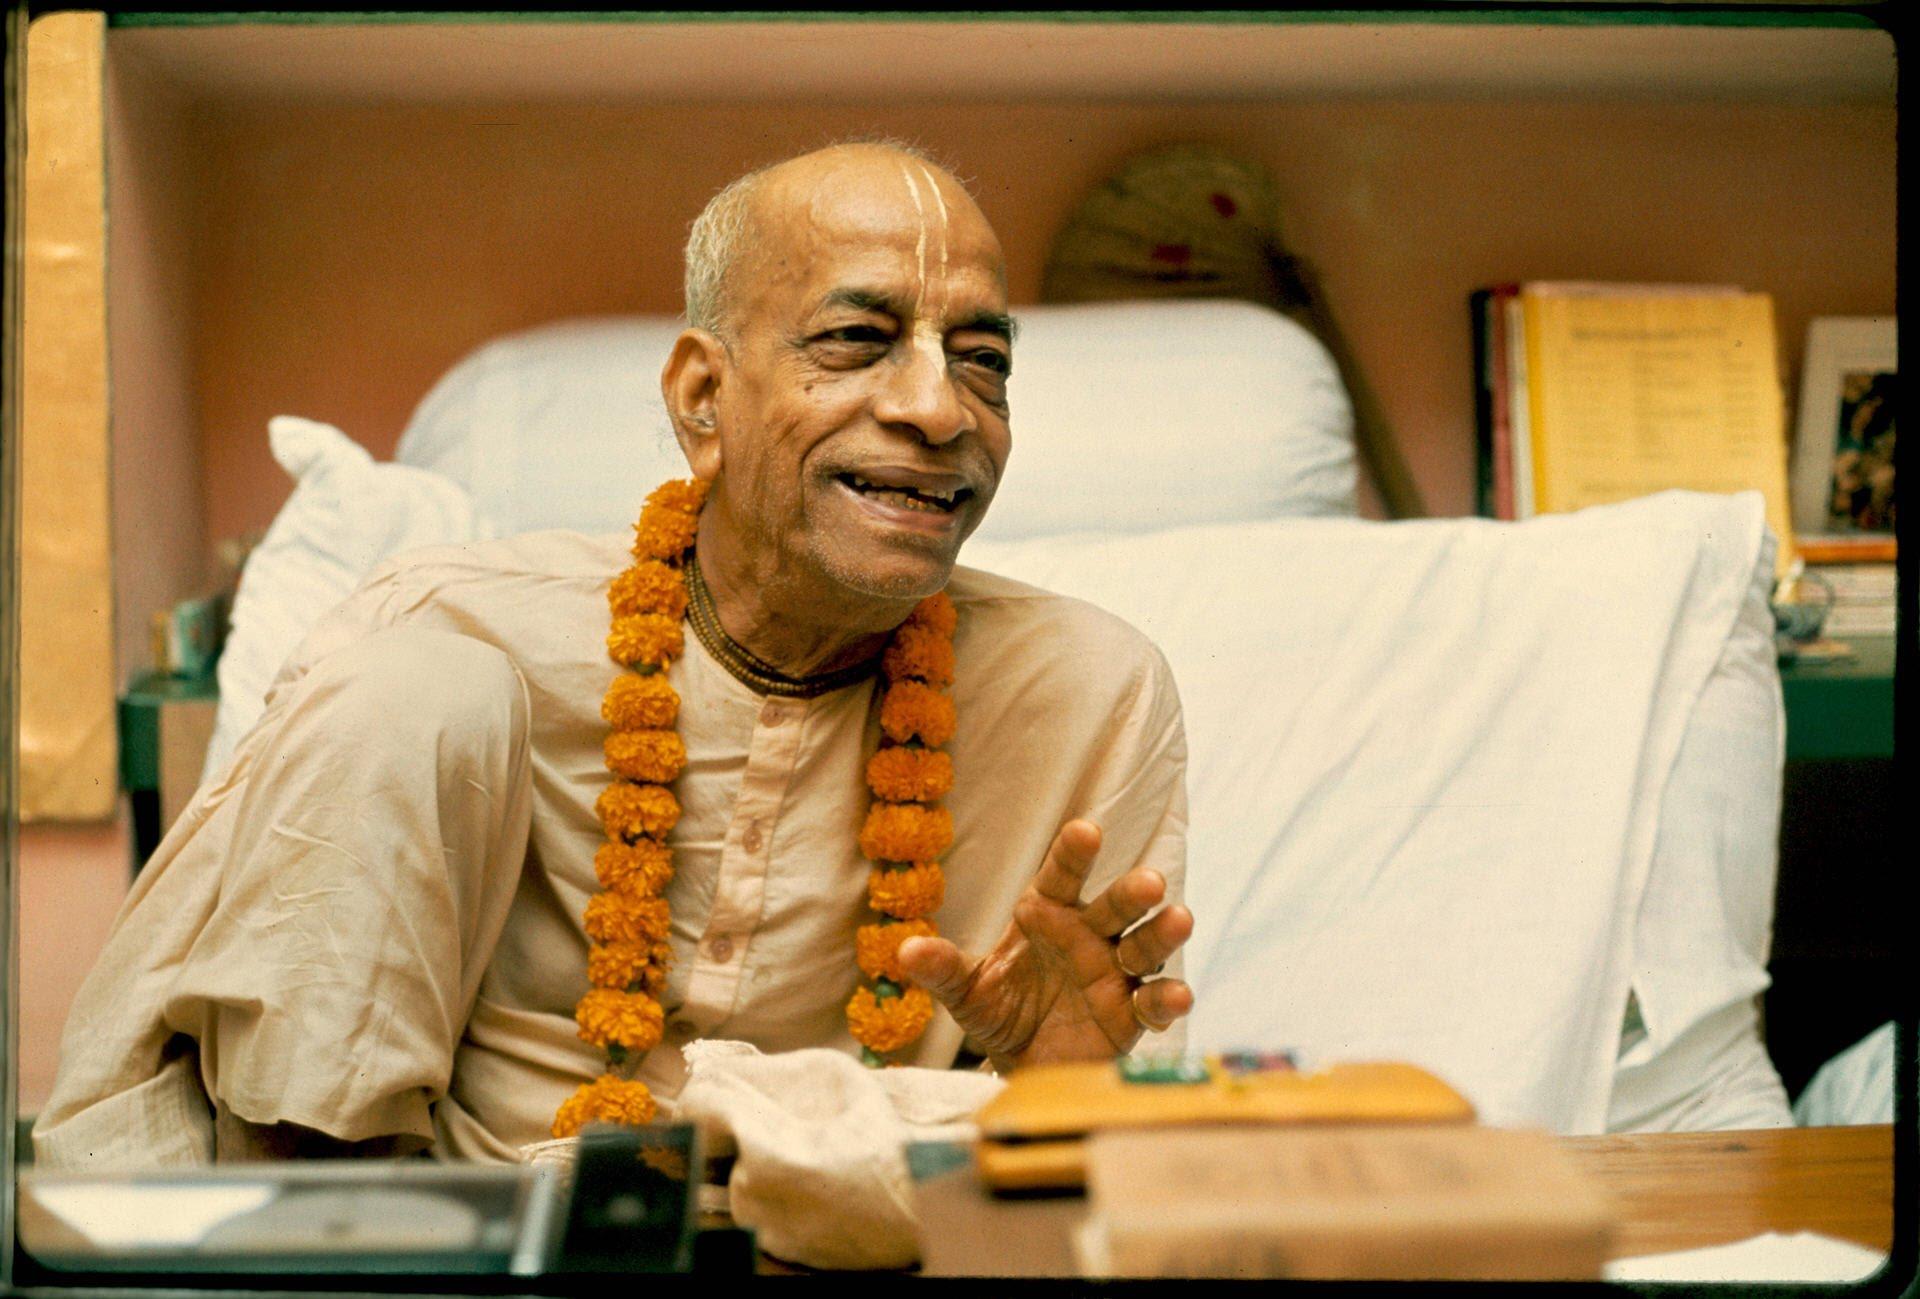 Srila BhaktiVedanta Swami Maharaja